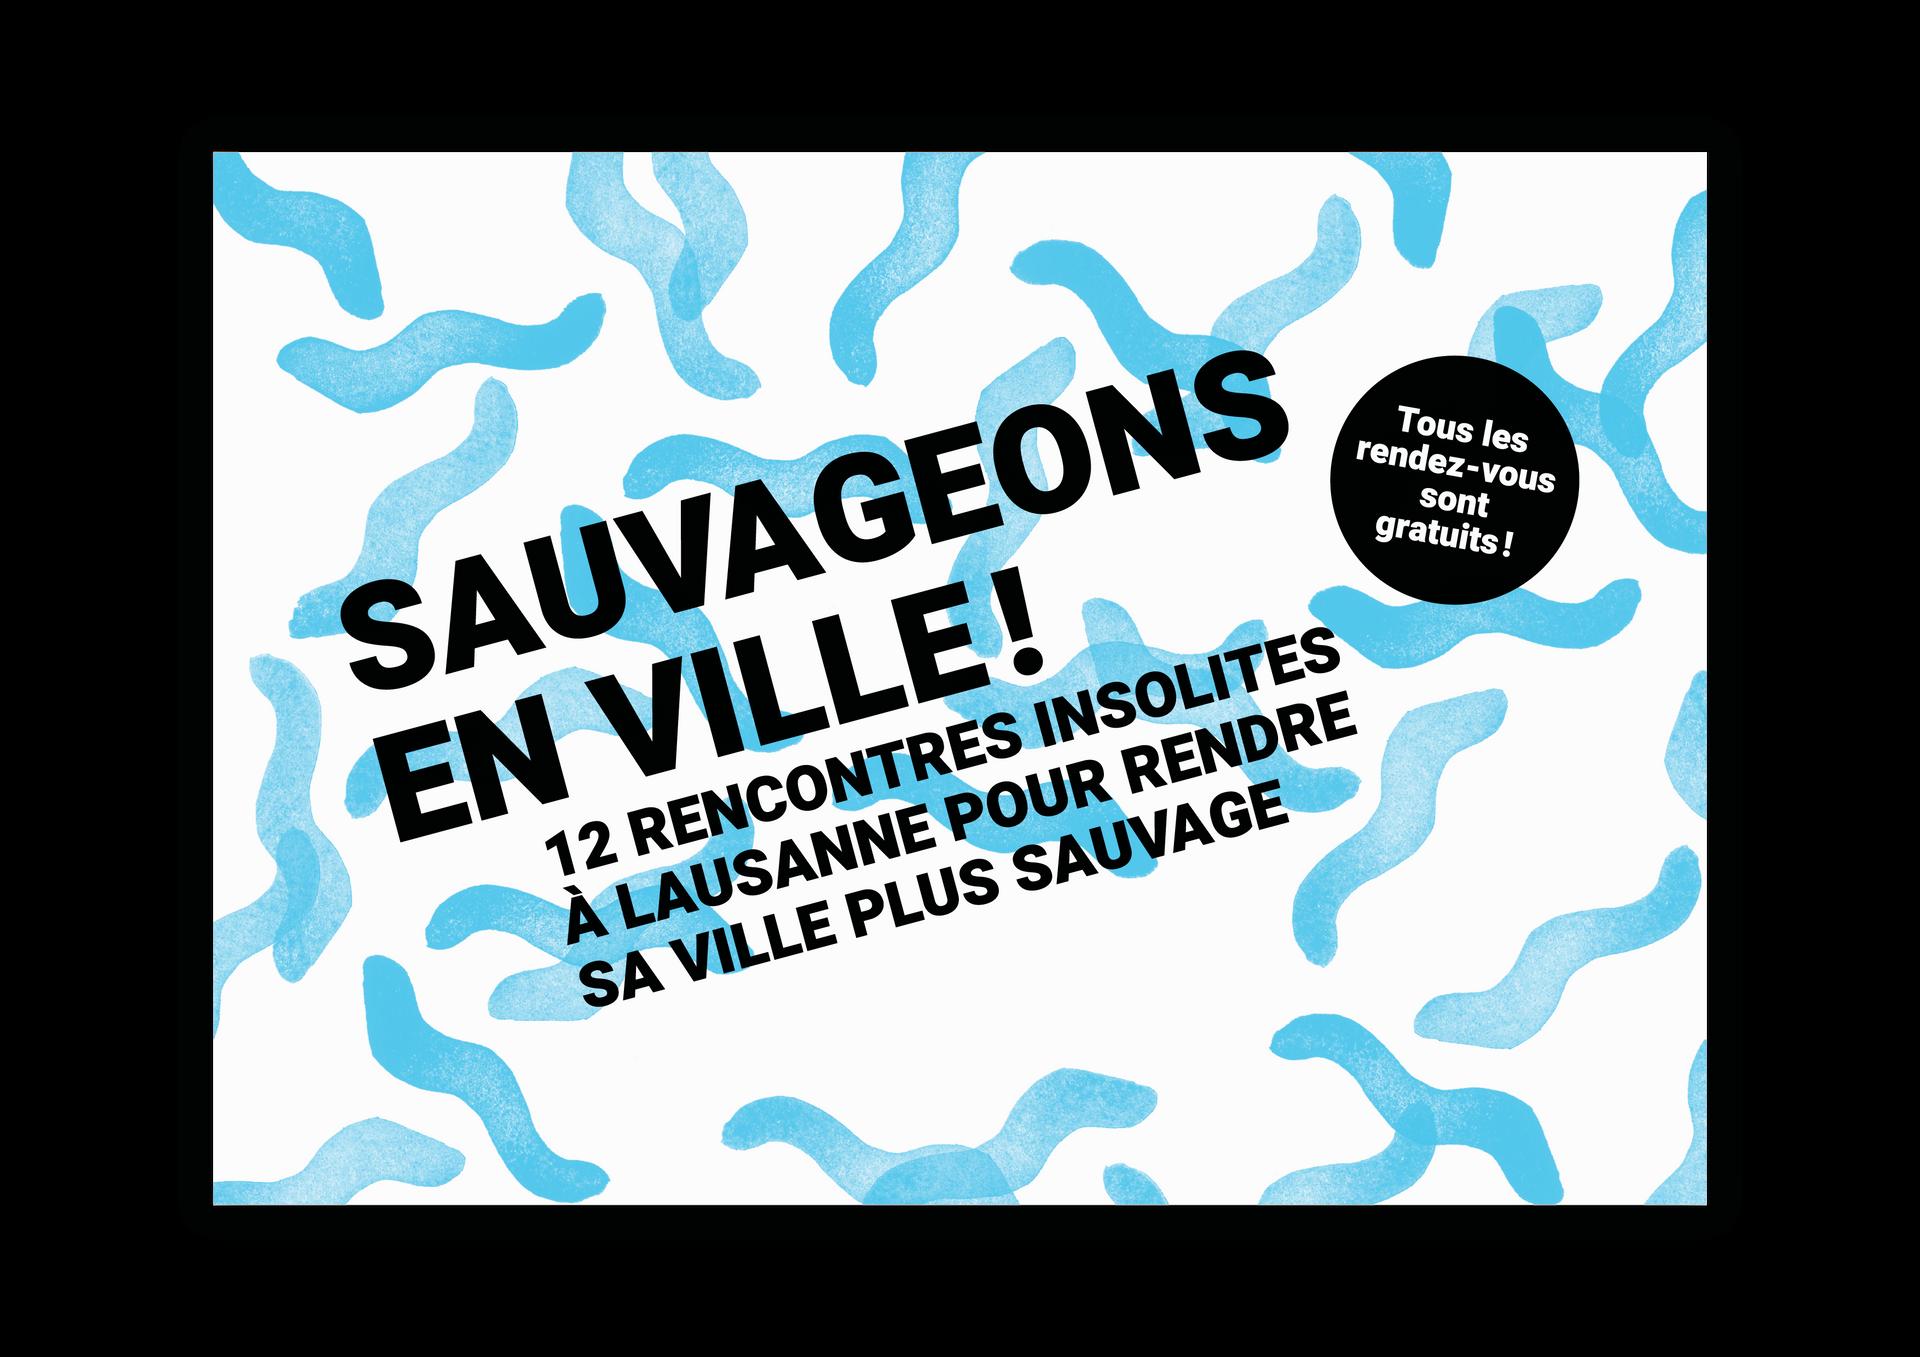 sauvageons3.png